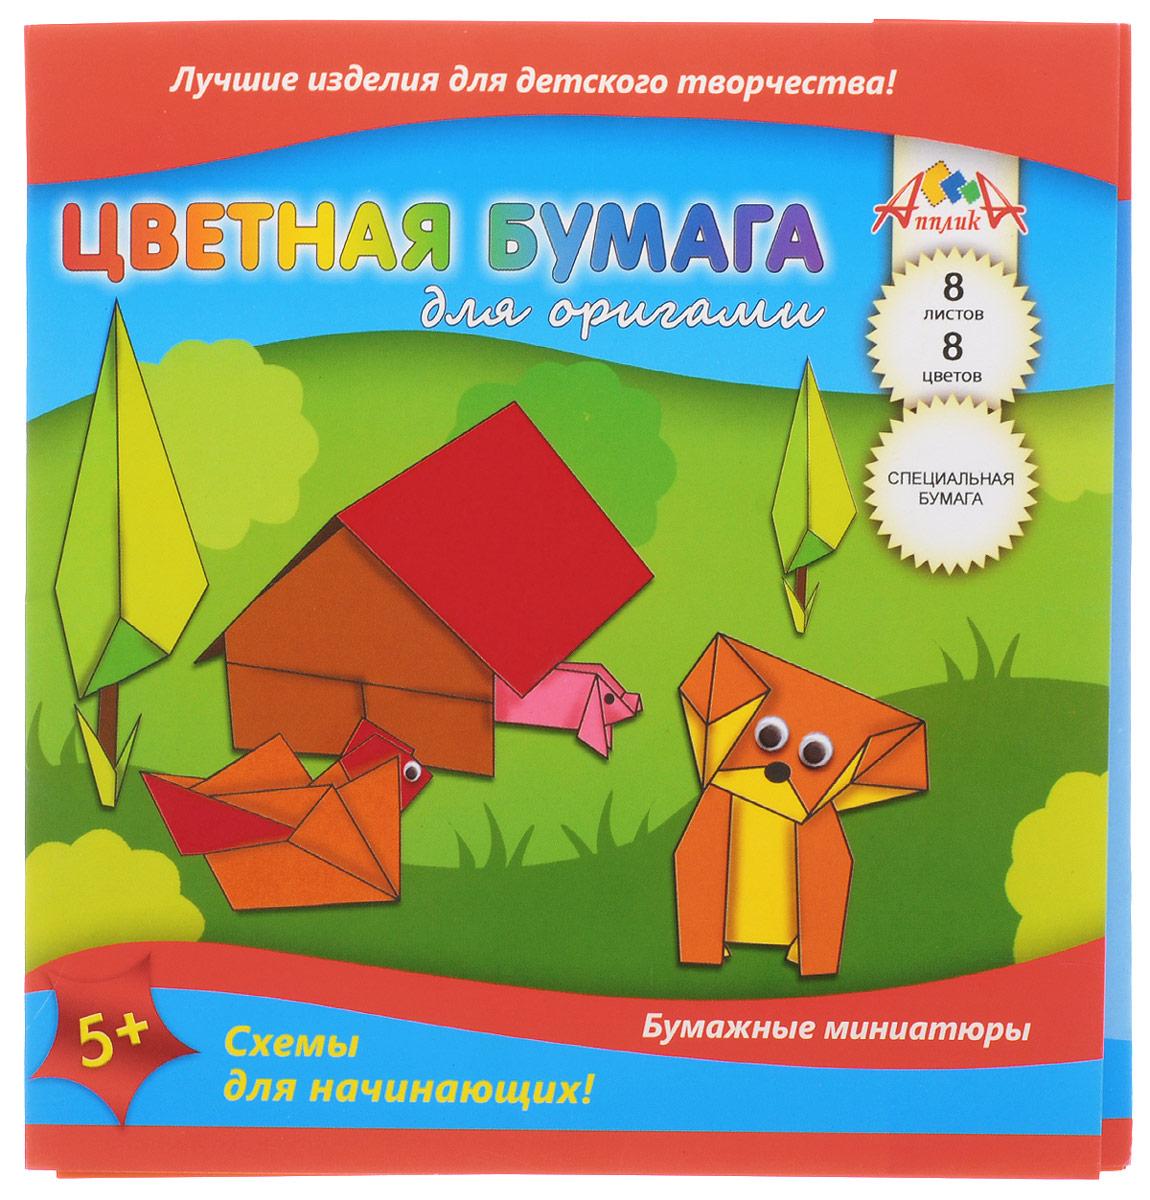 Апплика Цветная бумага для оригами Домик в лесу 8 листовС0263-01Набор цветной бумаги Апплика Домик в лесу позволит вашему ребенку создавать своими руками оригинальное оригами. Набор состоит из 8 листов двусторонней бумаги разных цветов. Внутри папки приводятся схематичные инструкции по изготовлению оригами, сзади дана расшифровка условных обозначений. Создание поделок из цветной бумаги позволяет ребенку развивать творческие способности, кроме того, это увлекательный досуг. Рекомендуемый возраст: 5+